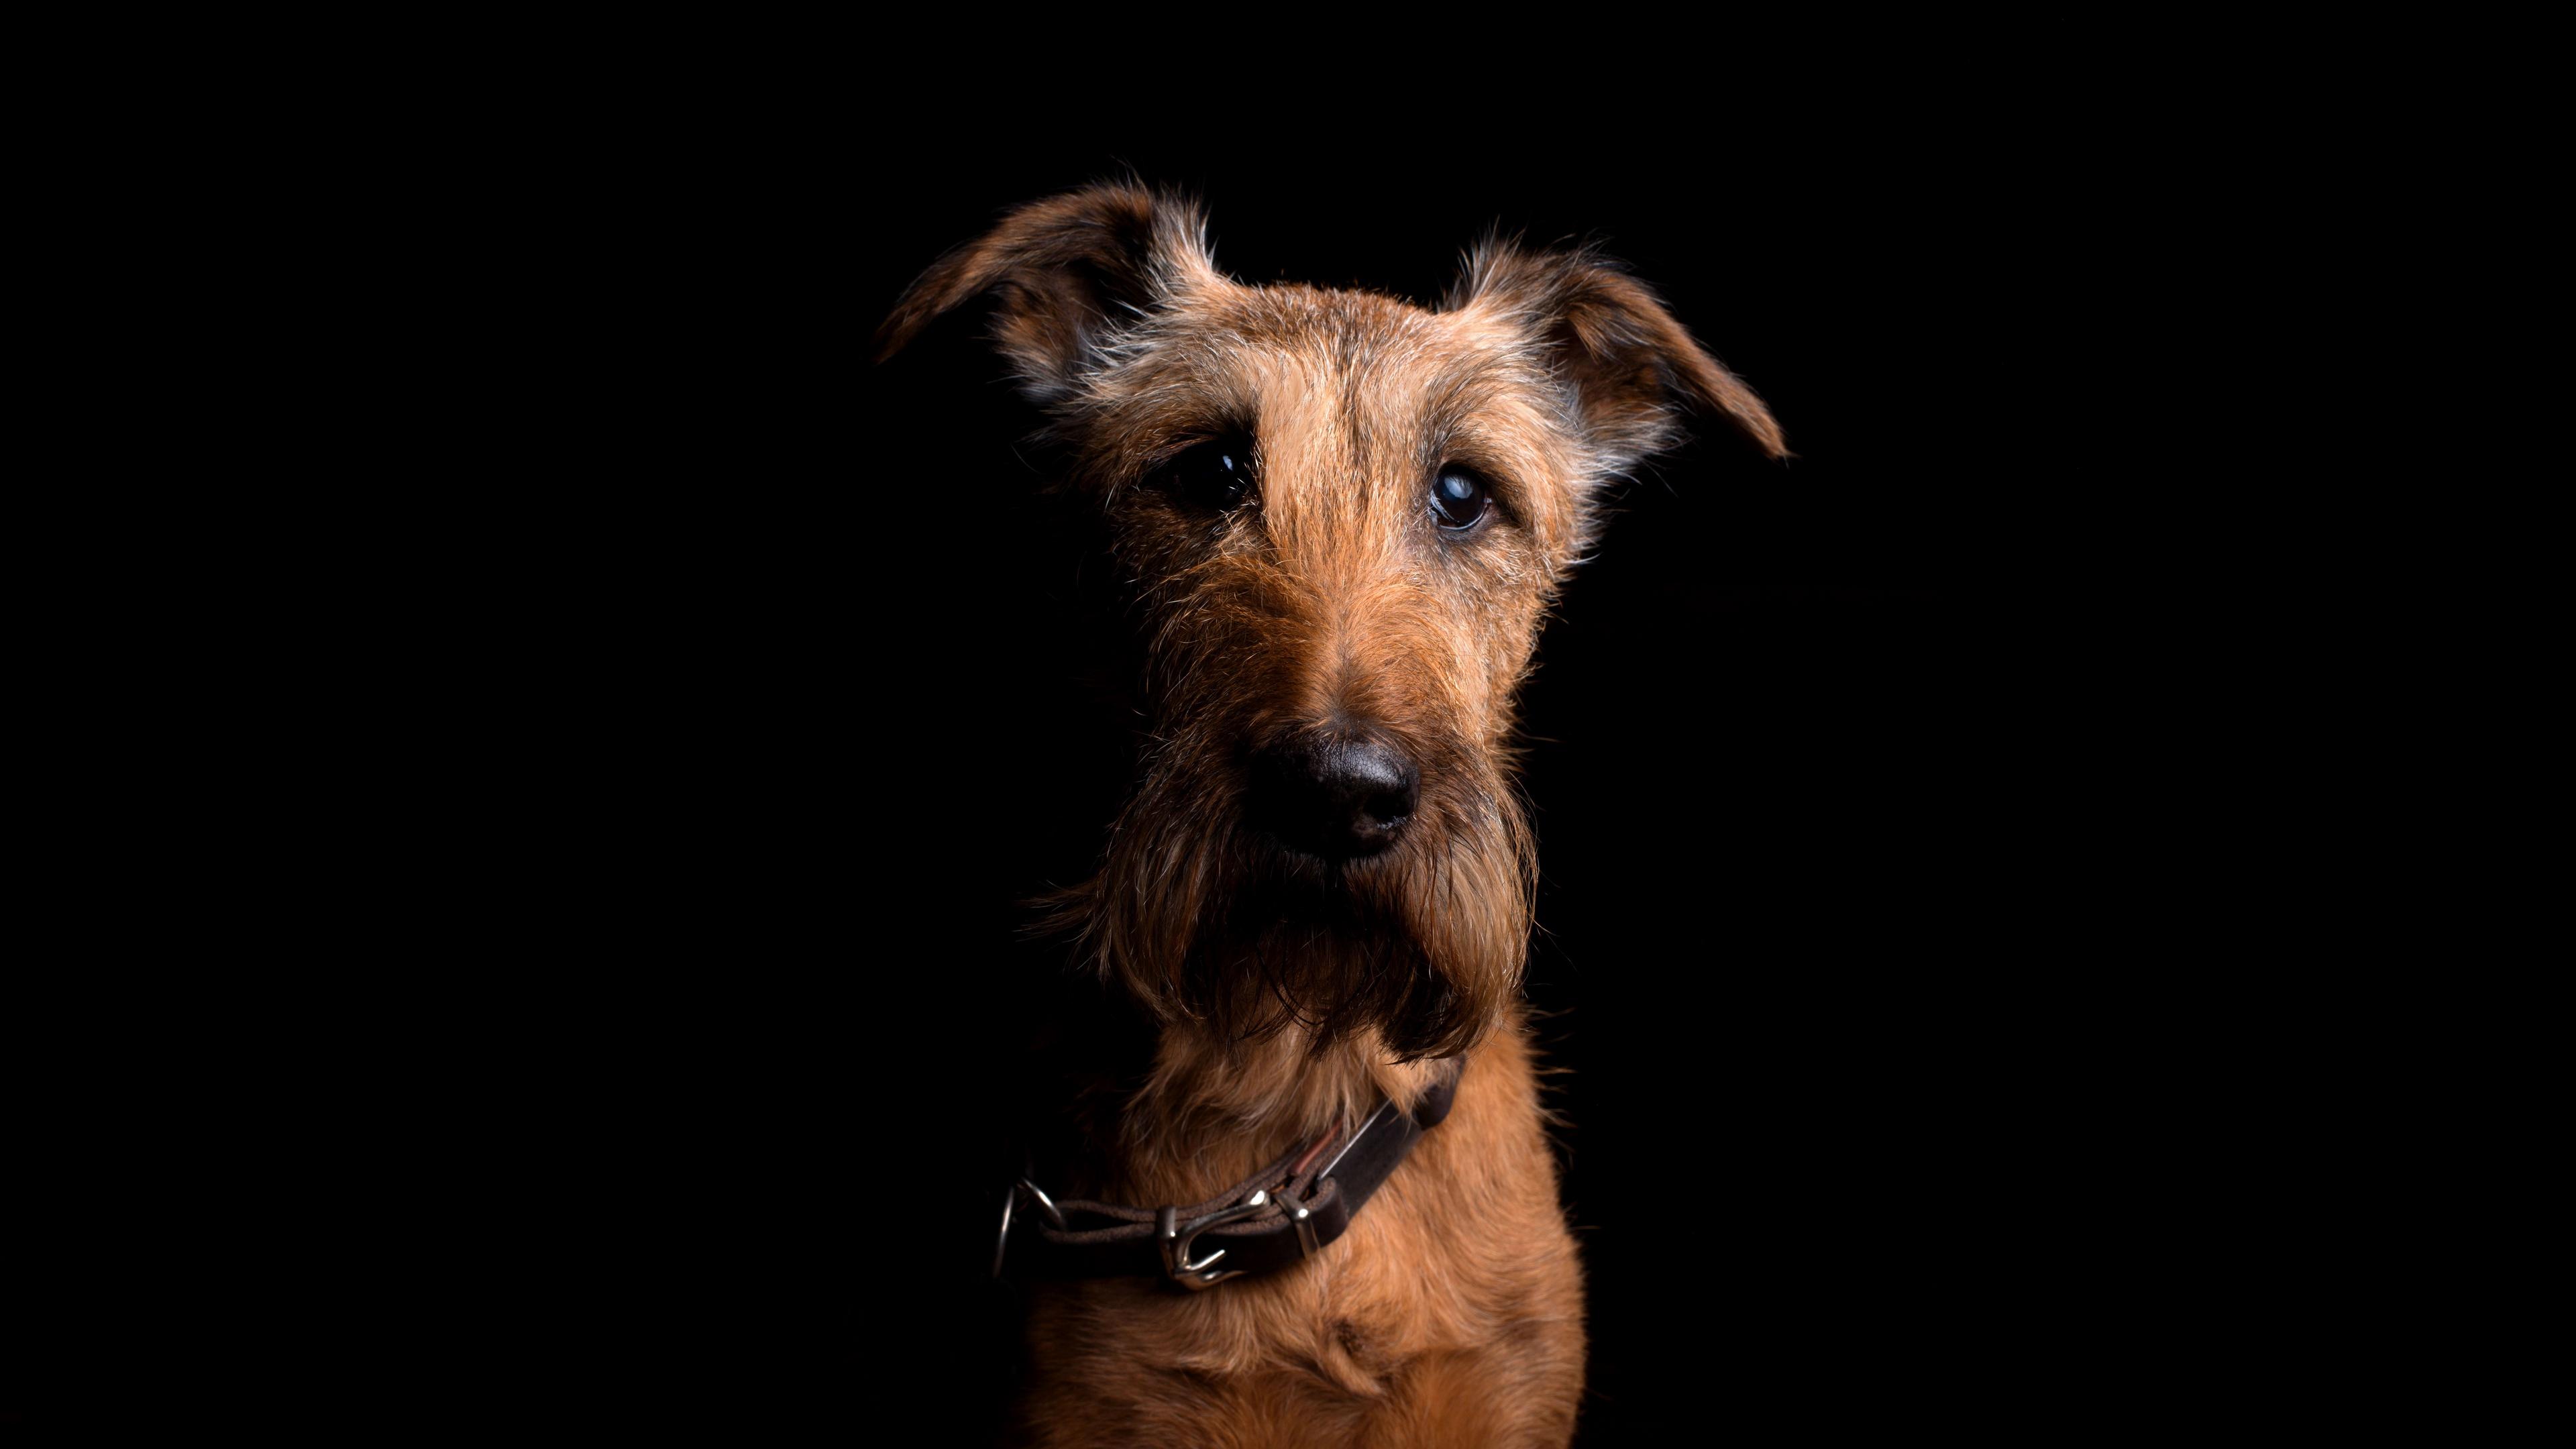 irish terrier dog muzzle collar look 4k 1540575108 - irish terrier, dog, muzzle, collar, look 4k - muzzle, irish terrier, Dog